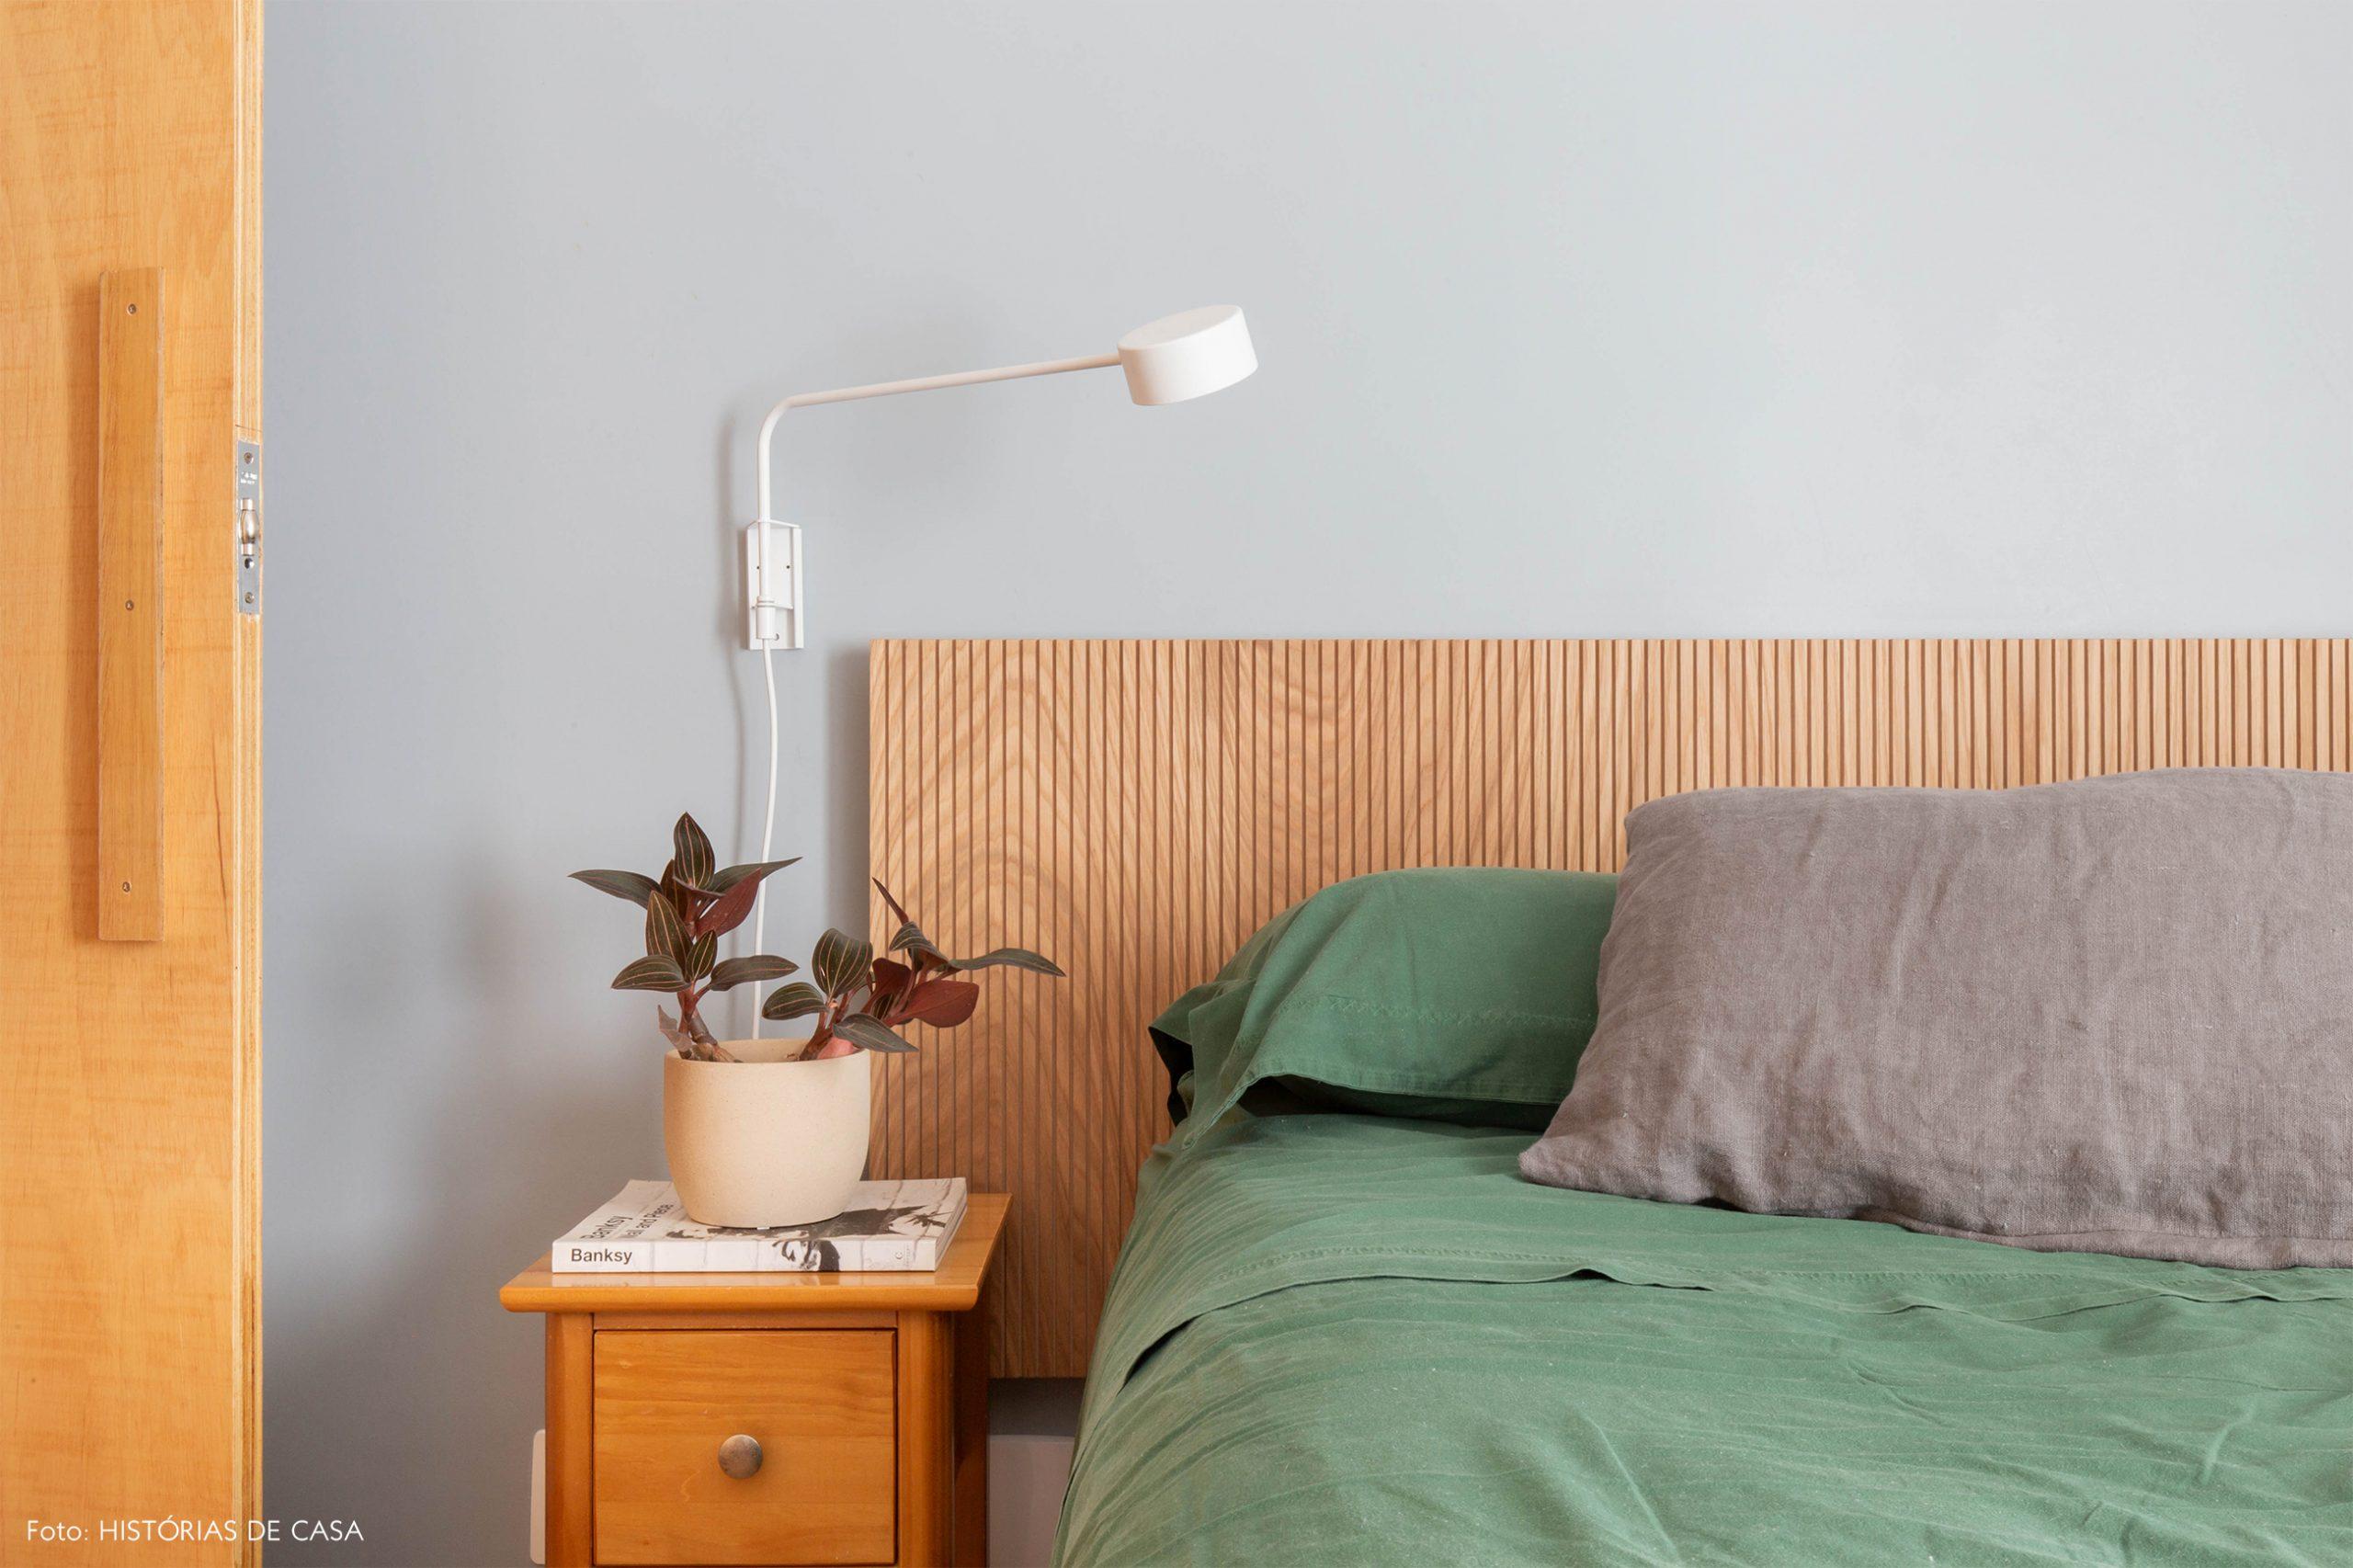 decoração quarto com parede cinza e cabiceira de madeira clara